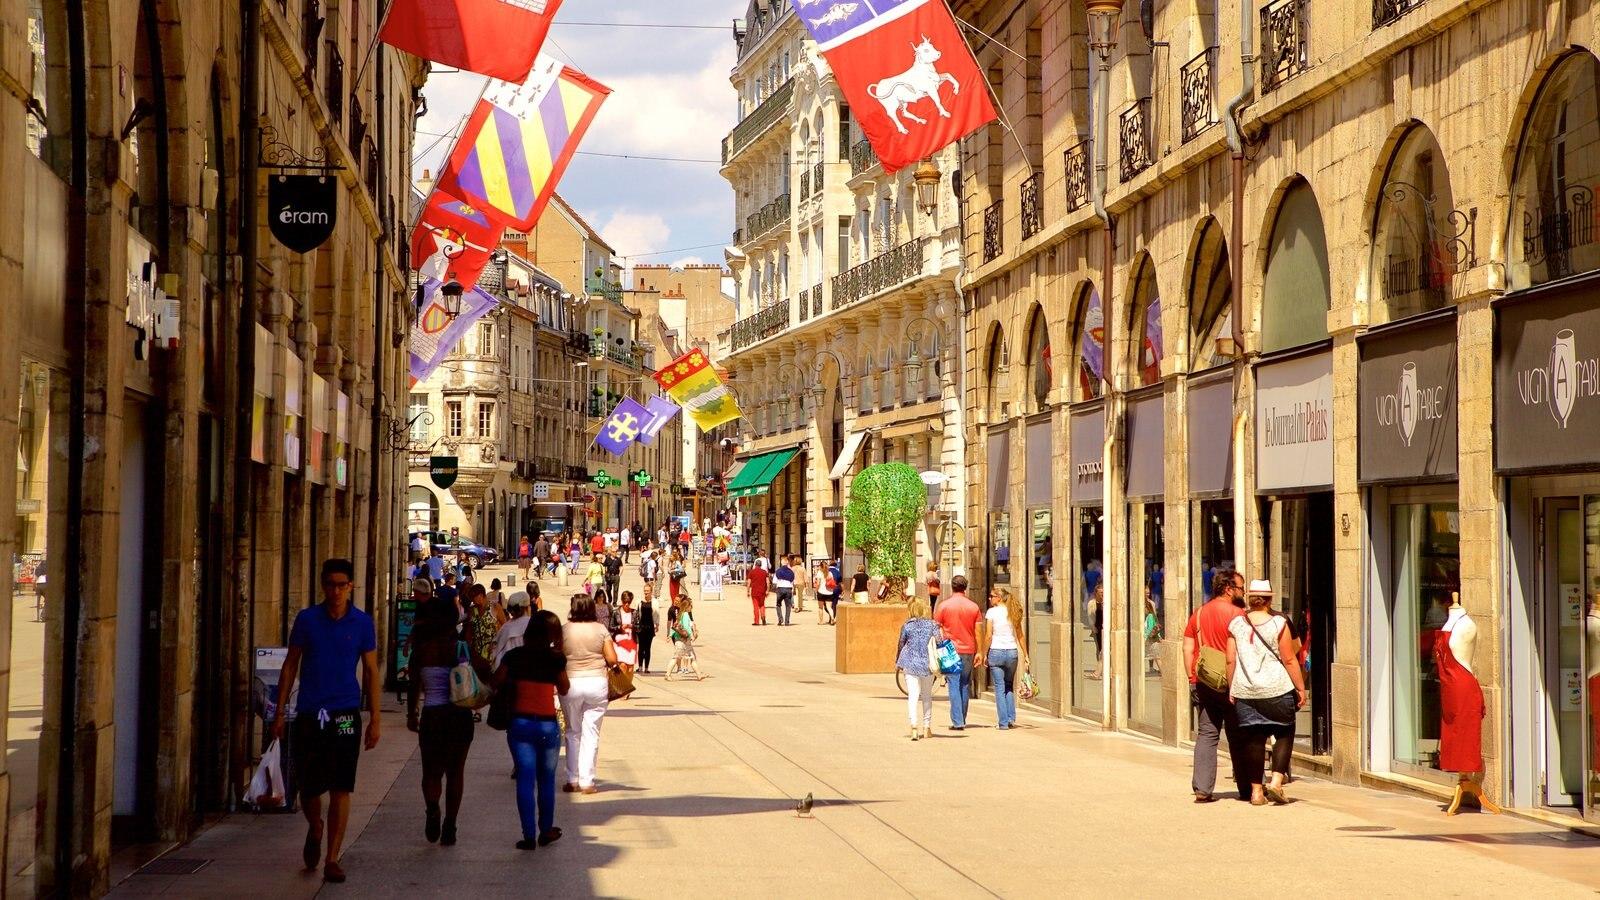 Dijon que inclui elementos de patrimônio e cenas de rua assim como um pequeno grupo de pessoas